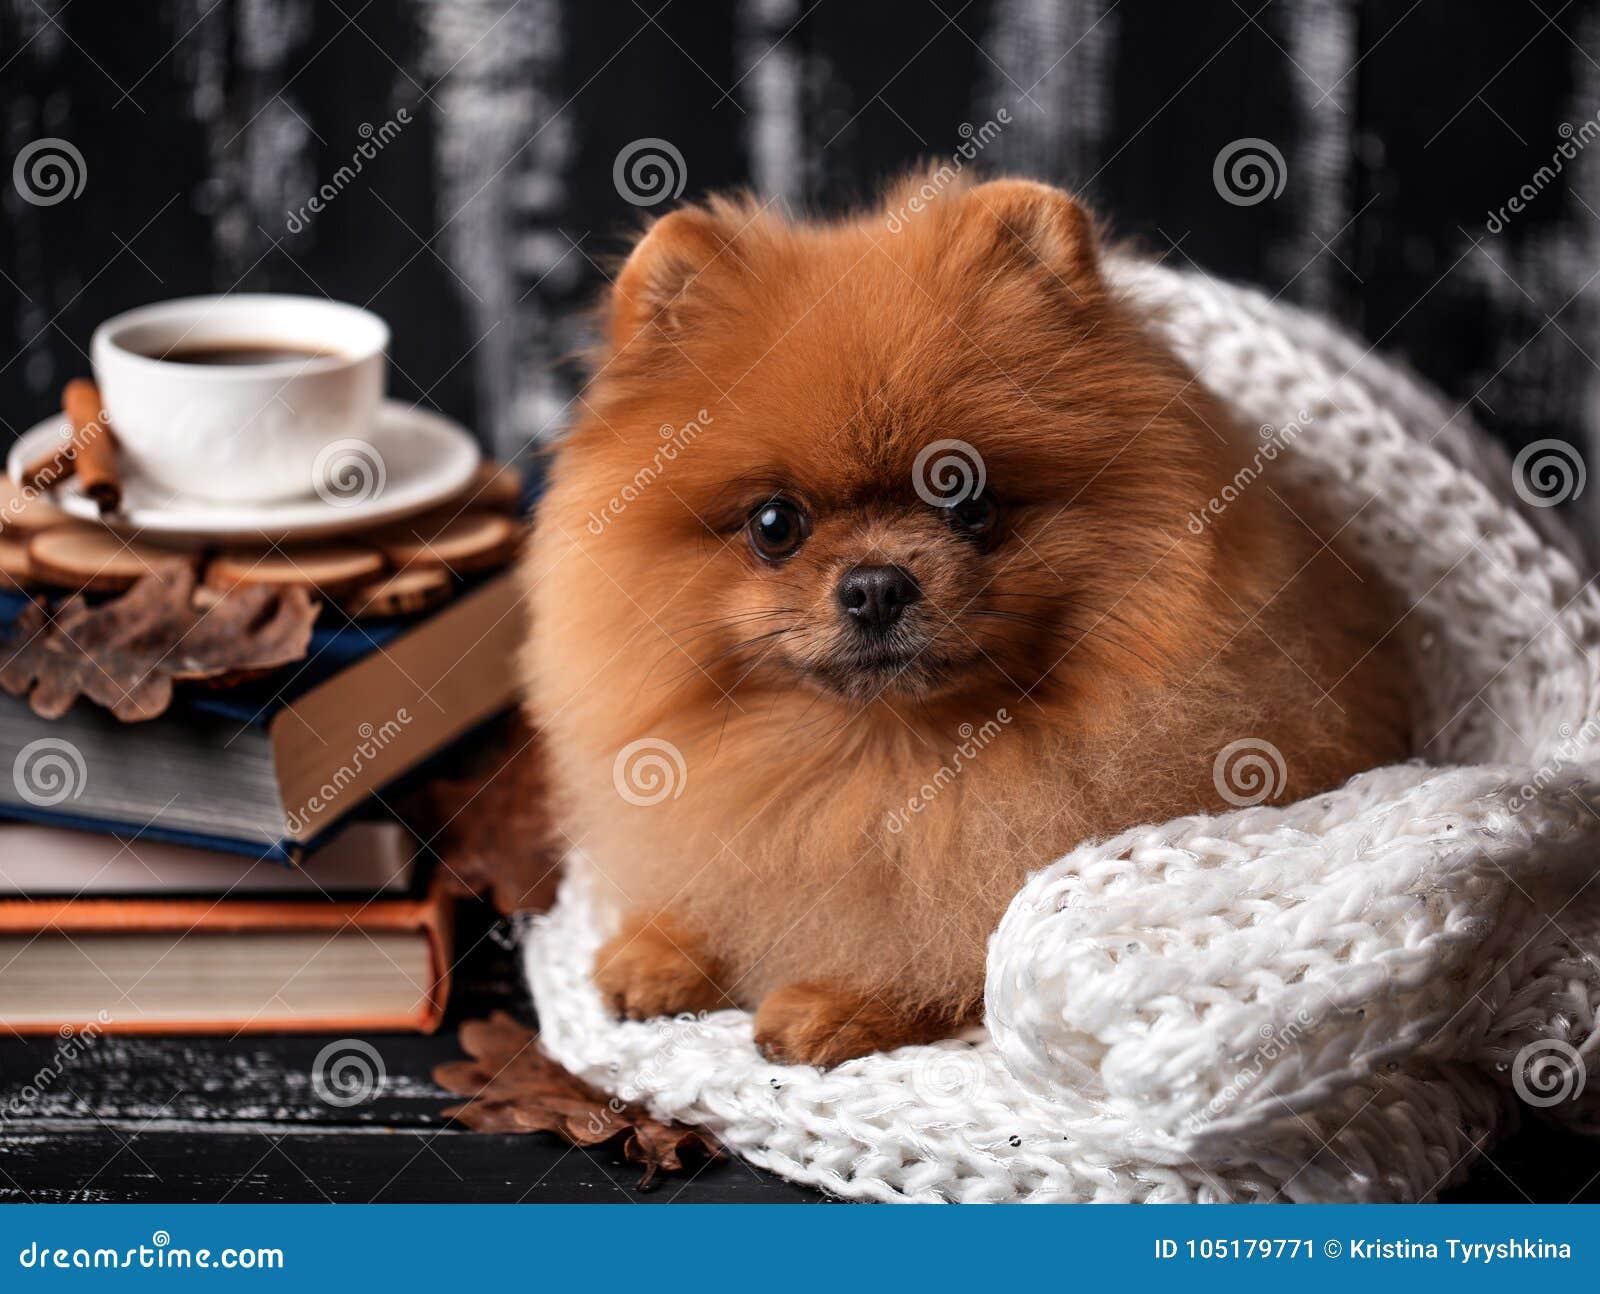 Chien De Pomeranian Enveloppe Dans Une Couverture Une Pile Des Livres Et D Une Tasse De Cafe Beau Chien Avec Des Livres Image Stock Image Du Dans Beau 105179771